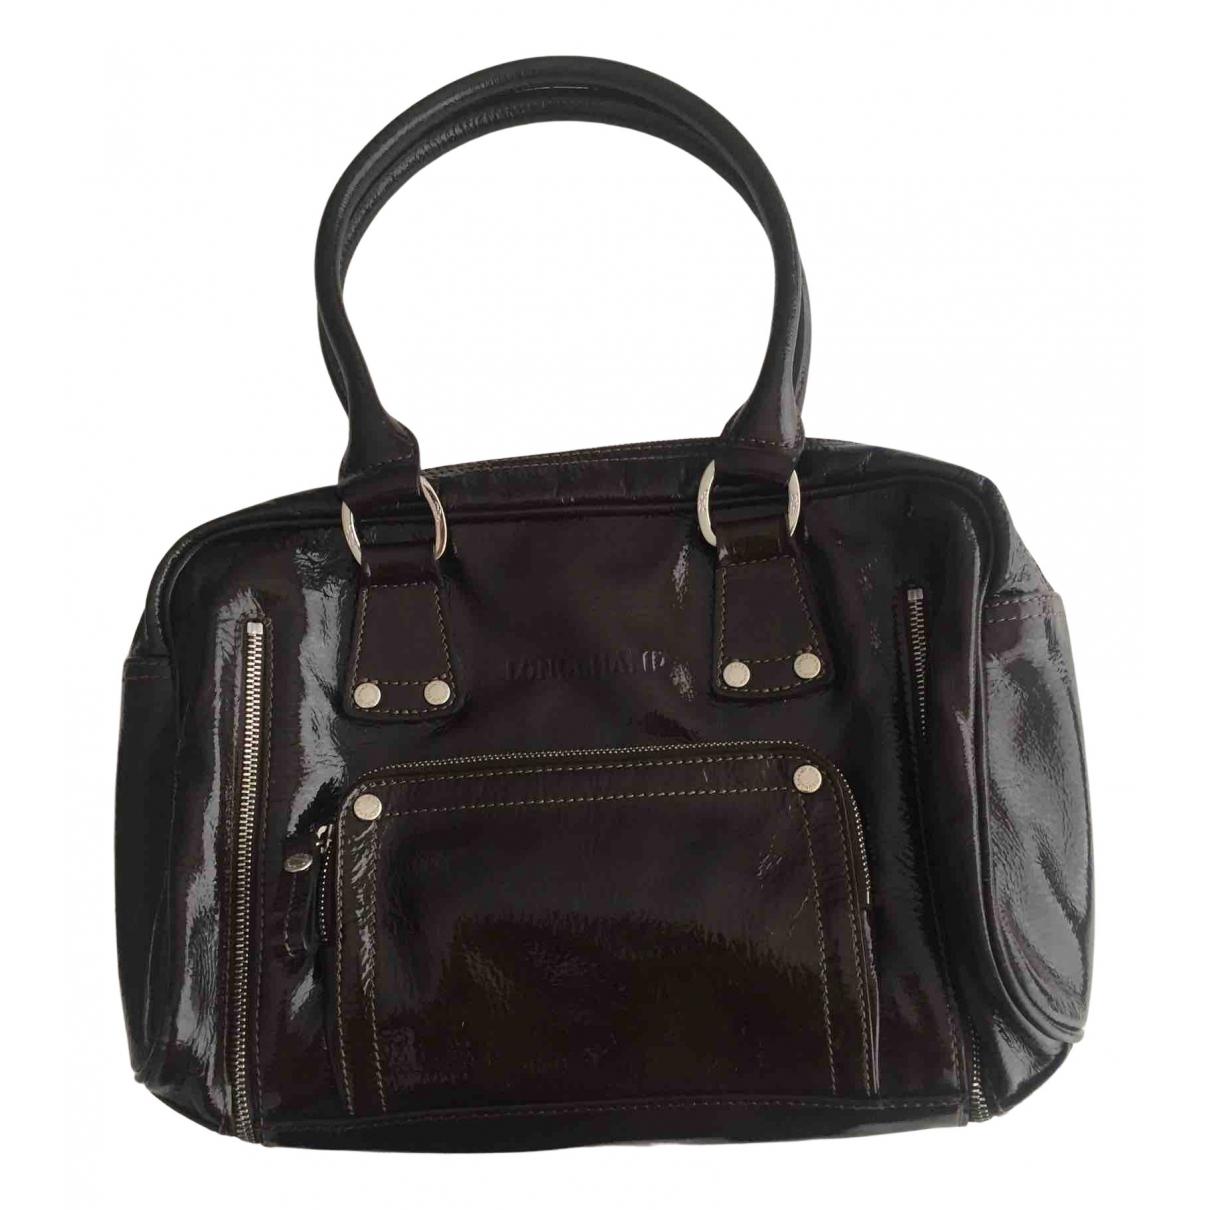 Longchamp - Sac a main Legende pour femme en cuir verni - marron